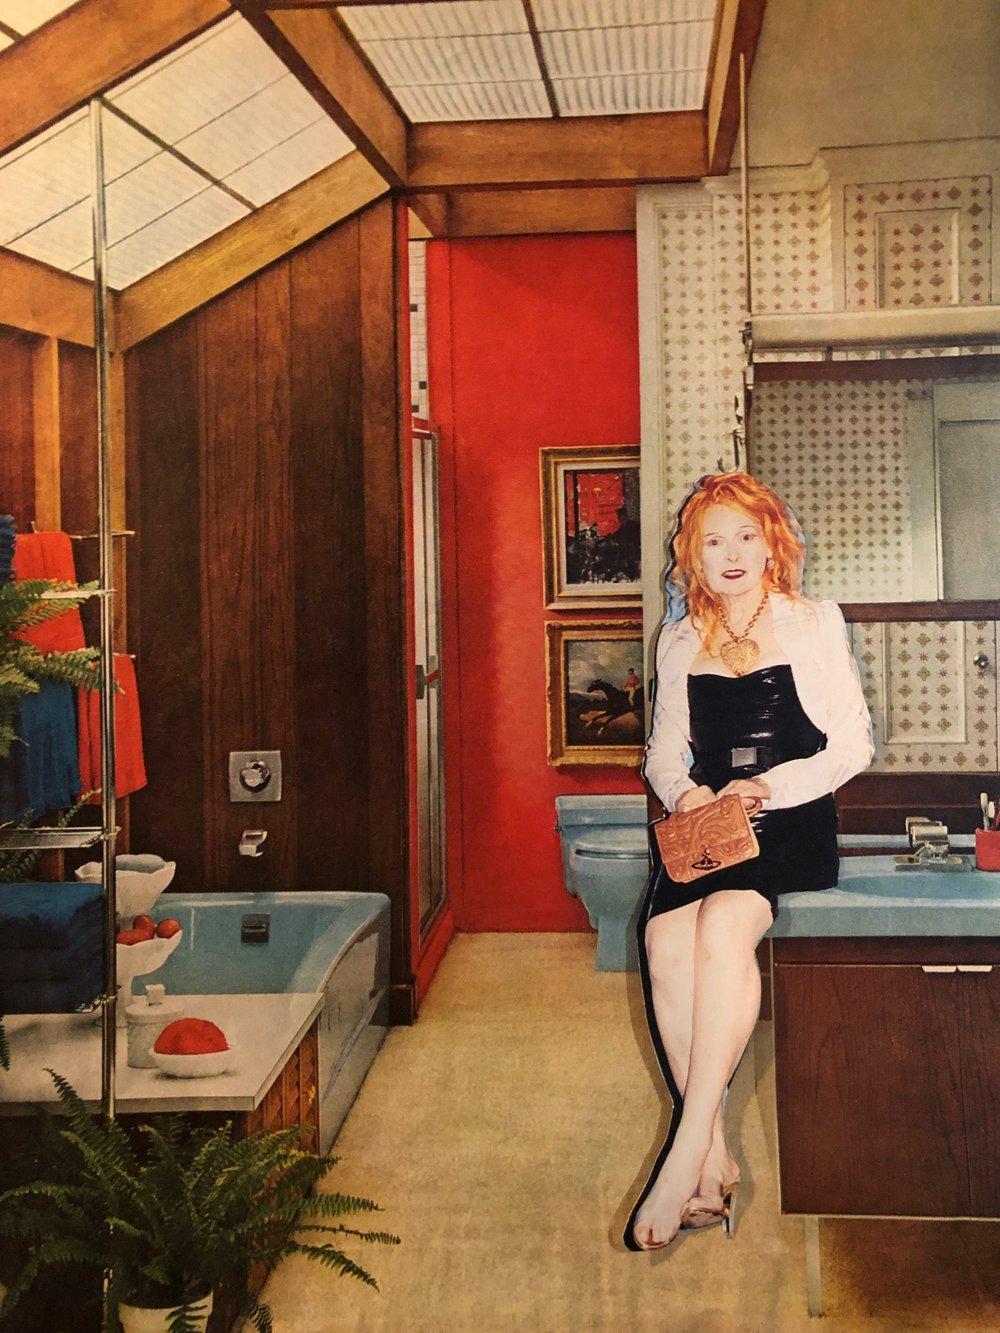 bathroom scenes (Vivienne Westwood)